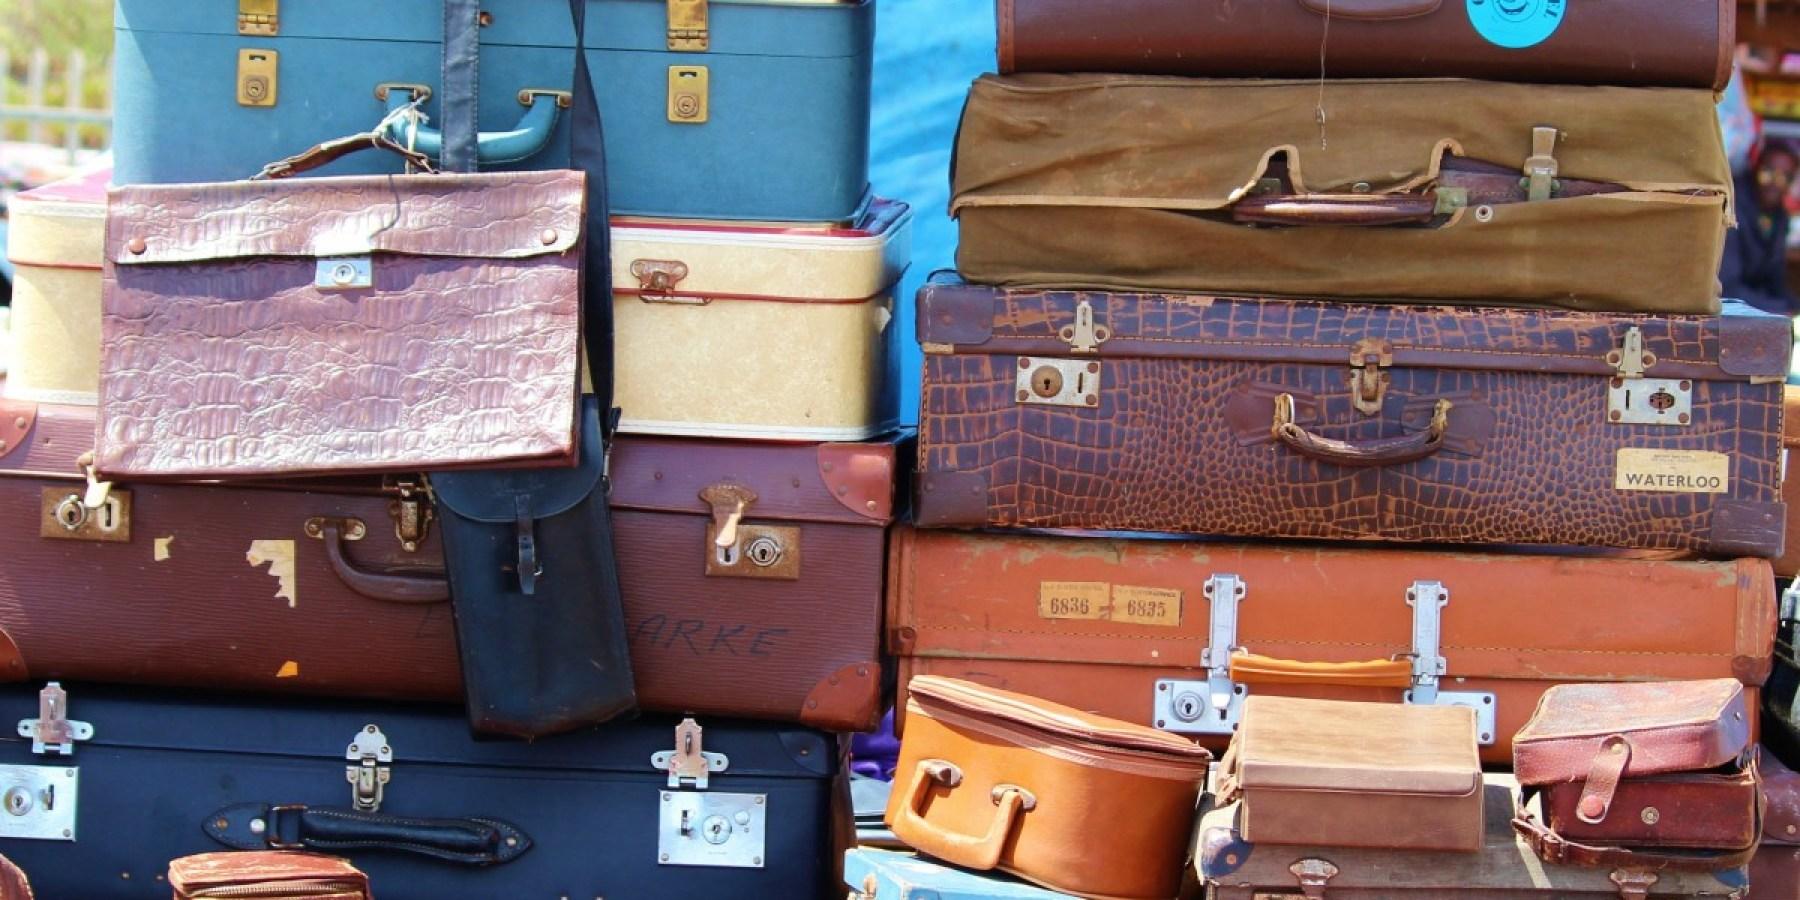 Kofferflohmarkt in der Stadtbücherei